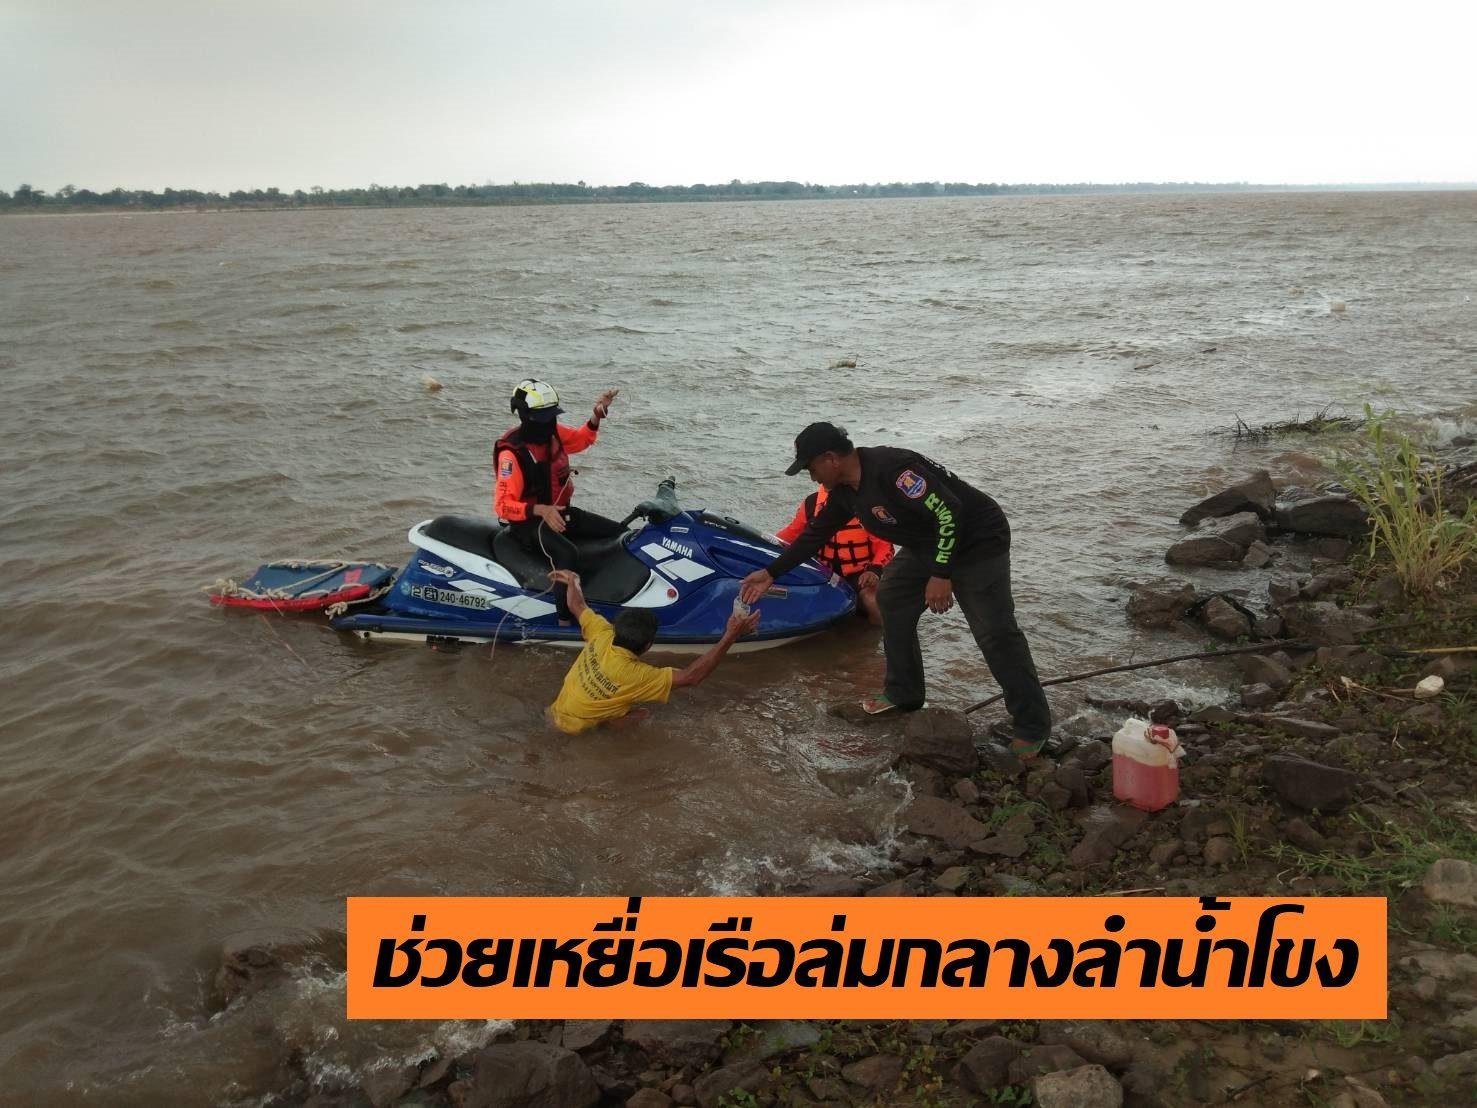 นาทีชีวิต! ทีมกู้ภัยนครพนม ขับเจ็ทสกีฝ่าพายุช่วยเรือล่มกลางน้ำโขง รอดตาย 2 จมน้ำดับ 1 ราย